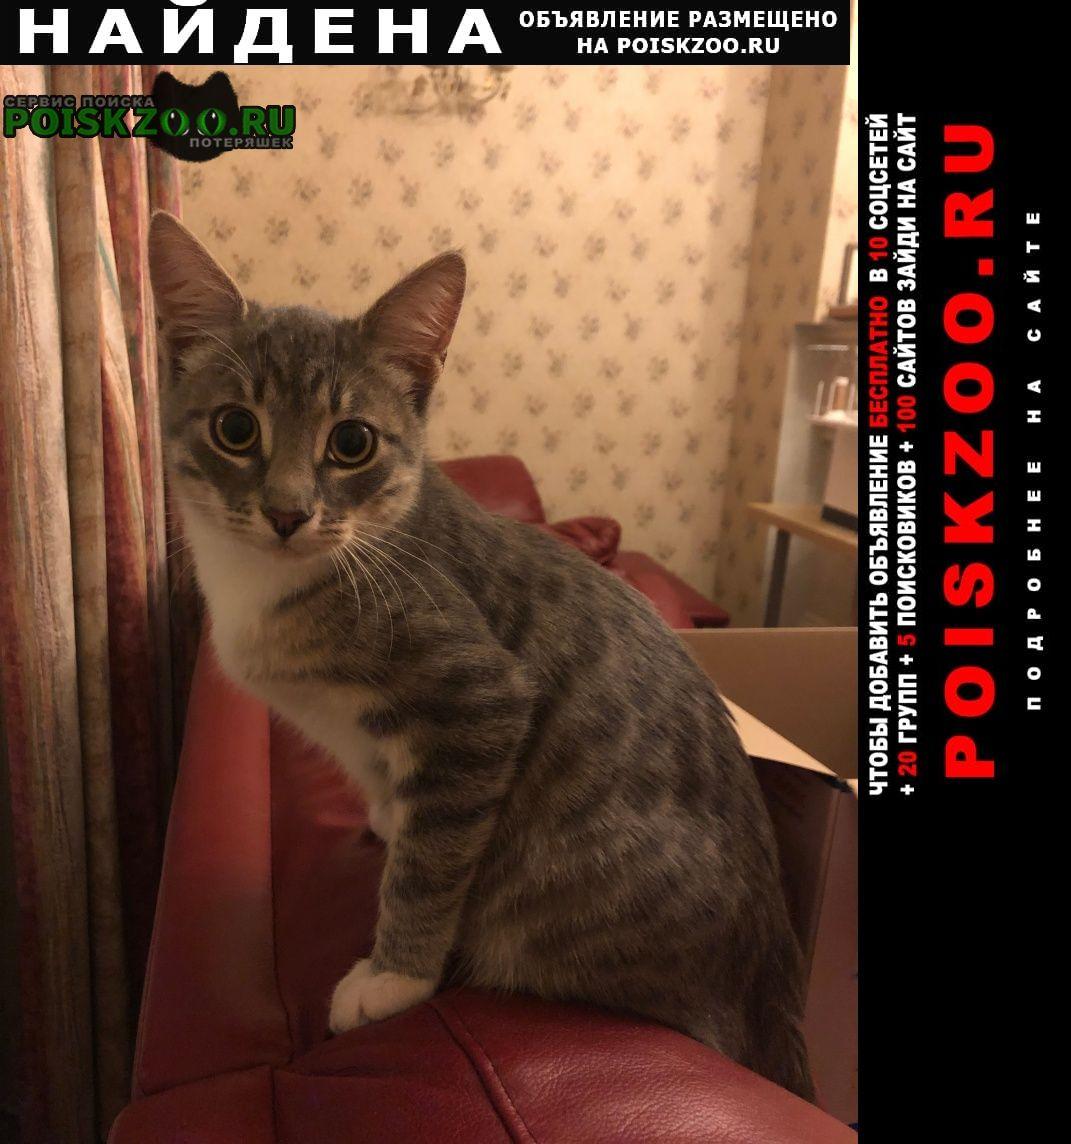 Найдена кошка (котёнок-мальчик в пучково) Троицк